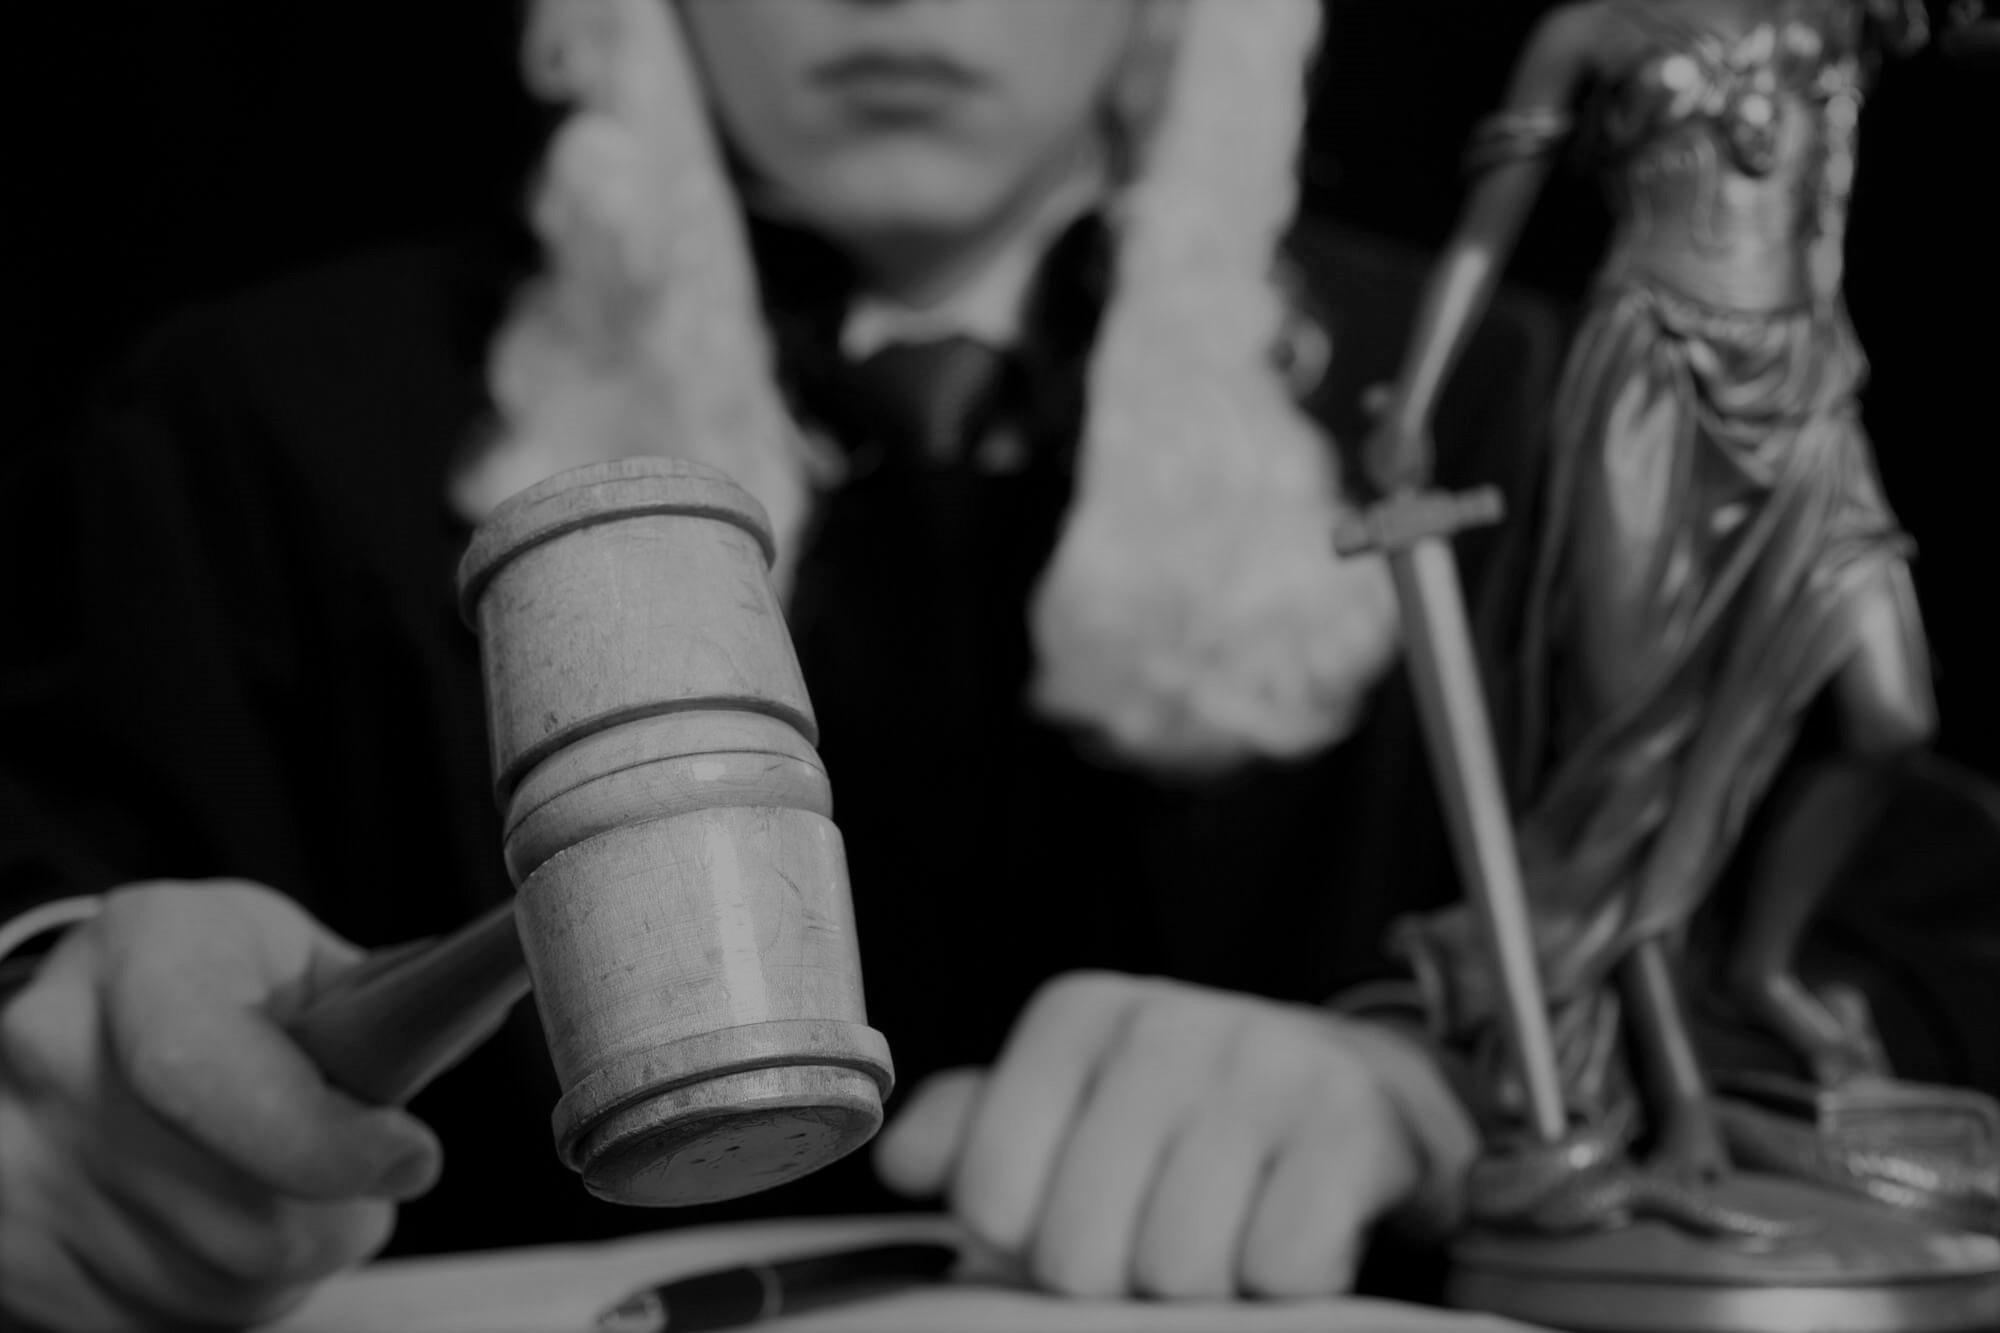 Юрист по административным спорам в Москве